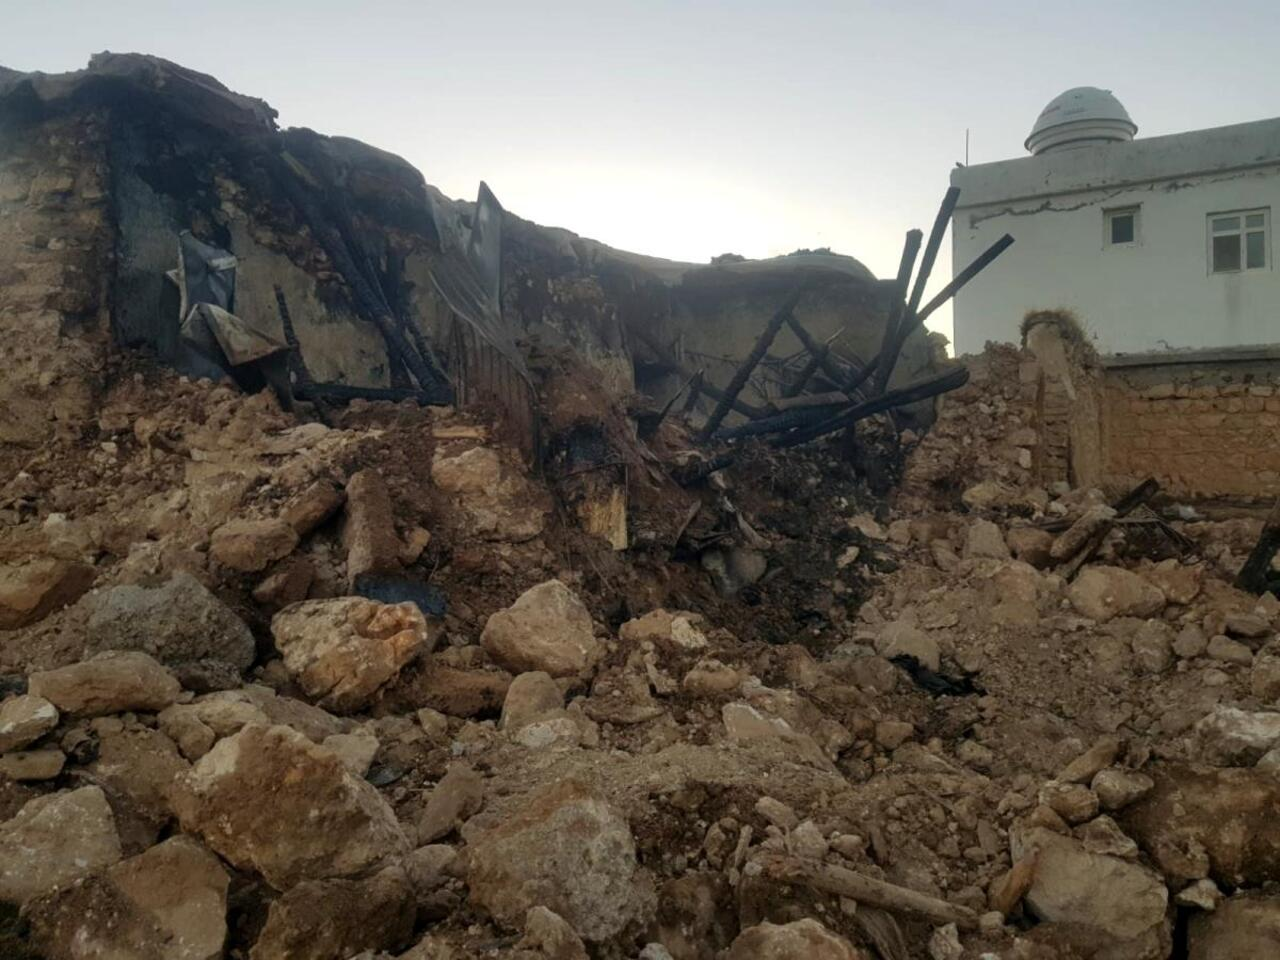 Diyarbakır Kocaköy'de toprak evde yangın çıktı: 1 ölü